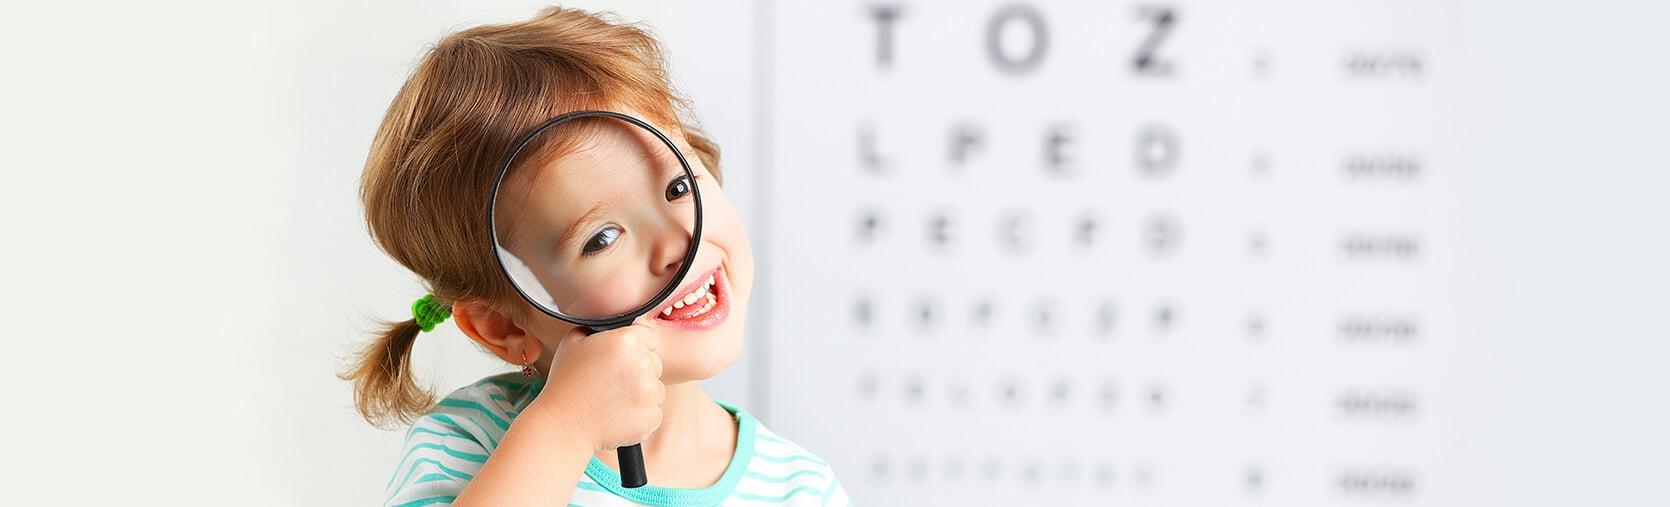 ¿Cuándo hacer la primera revisión oftalmológica a los niños?